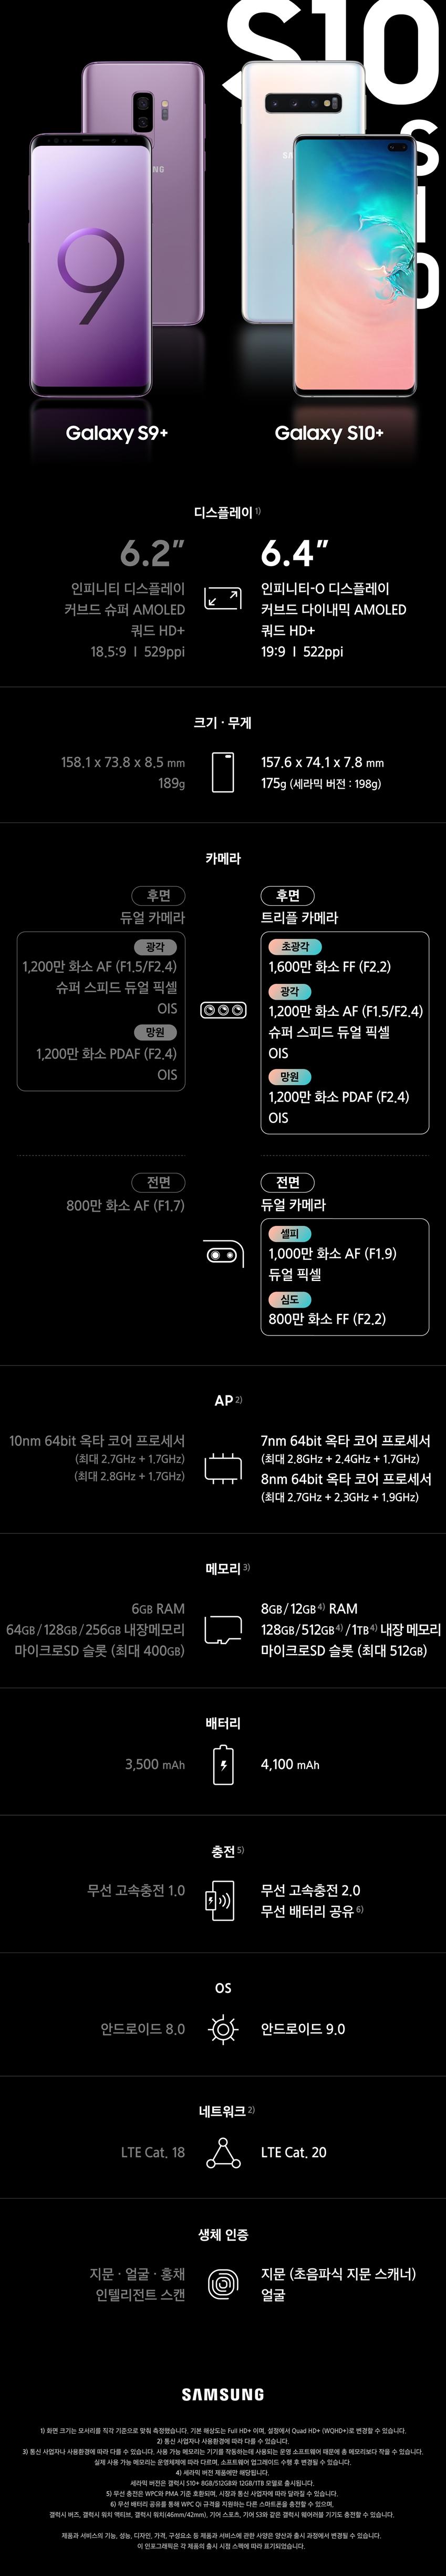 갤럭시 S9+ 갤럭시 S10+  디스플레이 / S9+ 6.2인치, 인피니티 디스플레이, 커브드 슈퍼 AMOLED, 쿼드 HD+, 18.9:9, 529ppi  S10+ / 6.4인치, 인피니티-O 디스플레이, 커브드 다이내믹 AMOLED, 쿼드 HD+, 19:9, 522ppi 크기·무게 / S9+158.1x73.8x8.5mm, 189g  S10+157.6x74.1x7.8,175g(세라믹 버전:198g) 카메라 / S9+ 후면 듀얼 카메라, 광각 1200만 화소(F1.5/F2.4), 슈퍼 스피드 듀얼 픽셀, OIS, 망원 1200만 화소 PDAF(F2.4) OIS  S10+ 트리플 카메라, 초광각 1600만 화소 FF(F2.2), 광각 1200만 화소 AF(F1.5/F2.4), 슈퍼 스피드 듀얼 픽셀, OIS, 망원 1200만 화소 PDAF(F2.4) OIS 전면 / S9+ 800만 화소 AF(F1.7) S10+듀얼 카메라 셀피 1000만 화소 AF(F1.9) 듀얼 픽셀 / 심도 800만 화소 FF(F2.2) AP / S9+ 10nm 64bit 옥타 코어 프로세서 (최대 2.7GHz+1.7GHz), (최대 2.8GHz+1.7GHz)   S10+ 7nm 64bit 옥타 코어 프로세서 (최대 2.8GHz+2.4GHz+1.7GHz), 8nm 64bit 옥타 코어 프로세서 (최대 2.7GHz+2.3GHz+1.9GHz) 메모리 / S9+ 6GB RAM 64GB / 128GB / 256GB 내장메모리, 마이크로 SD 슬롯(최대 400GB) S10+ 8GB/12GB RAM / 128GB/512GB/1TB 내장 메모리 / 마이크로SD 슬롯 (최대 512GB) 배터리 S9+ 3500mAh S10+ 4,100mAh 충전 S9+ 무선 고속충전 1.0 S10+ 무선 고속충전 2.0, 무선 배터리 공유 OS S9+ 안드로이드 8.0  S10+ 안드로이드 9.0  네트워크 S9+ LTE Cat.18 S10+ LTE Cat.20 생체 인증 S9+ 지문·얼굴·홍채 인텔리전트 스캔 S10+ 지문(초음파식 지문 스캐너) 얼굴